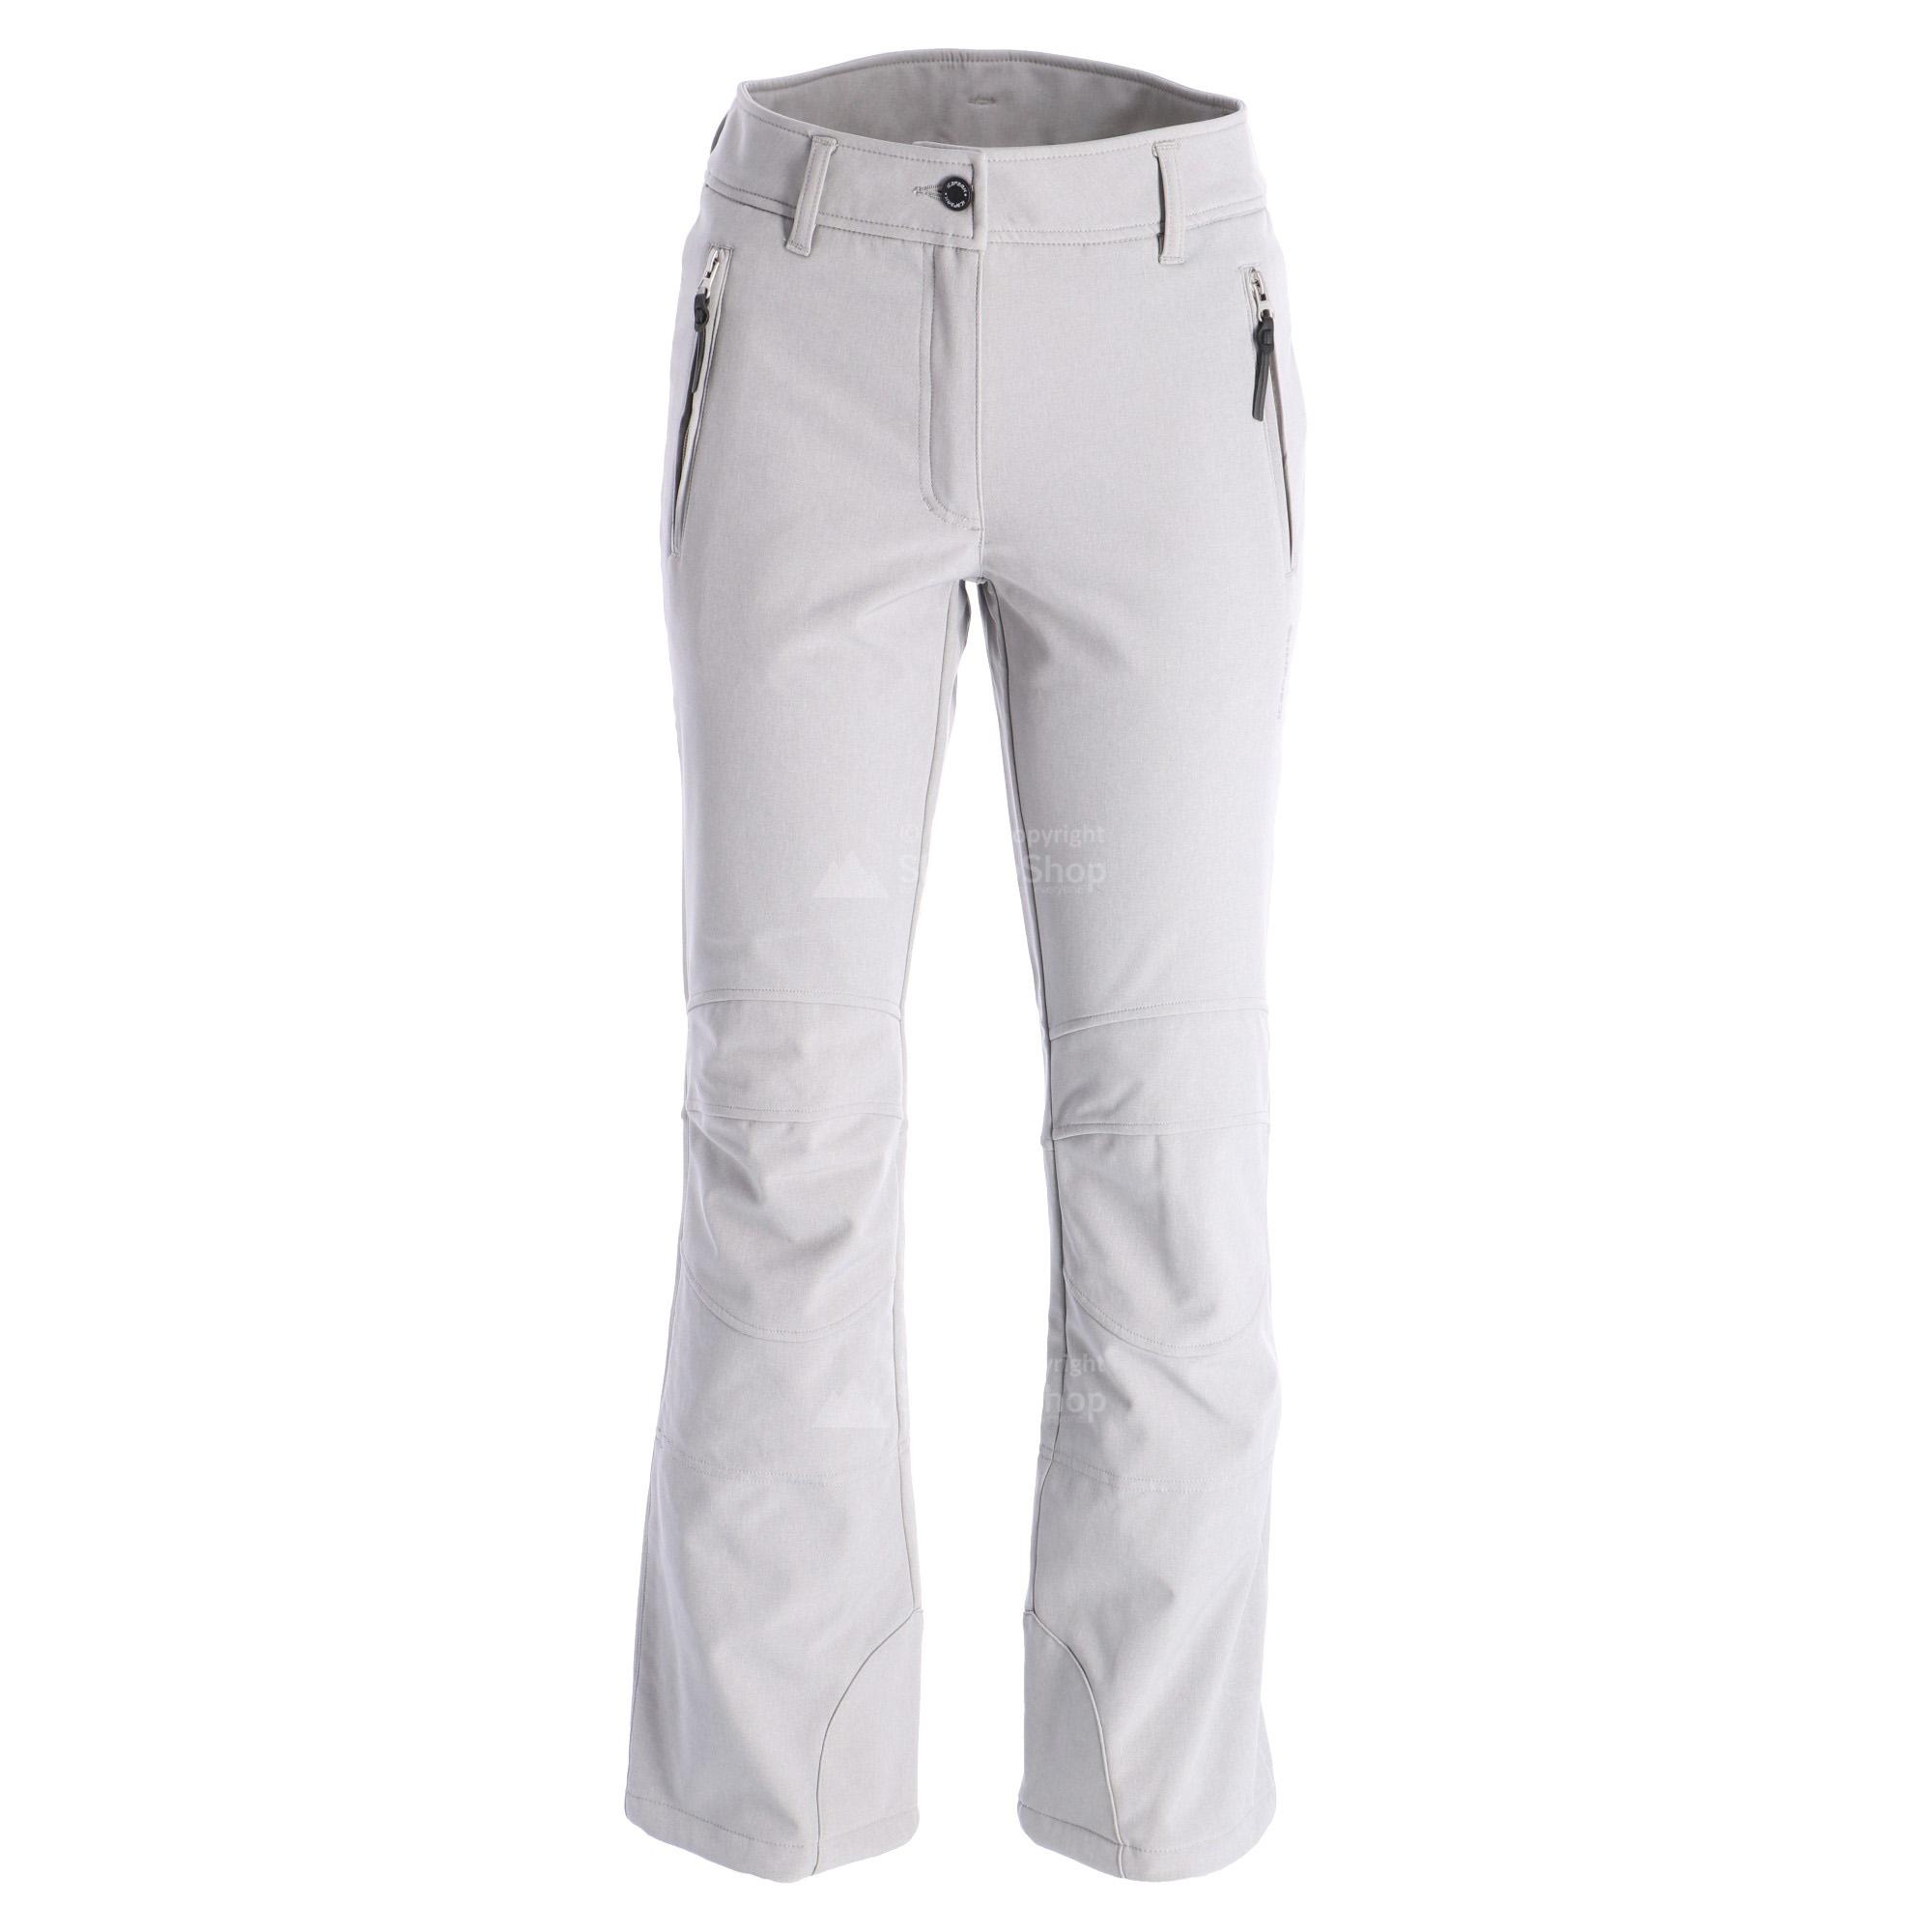 Icepeak, Outi, softshell ski pants, women, gemeleerd grey